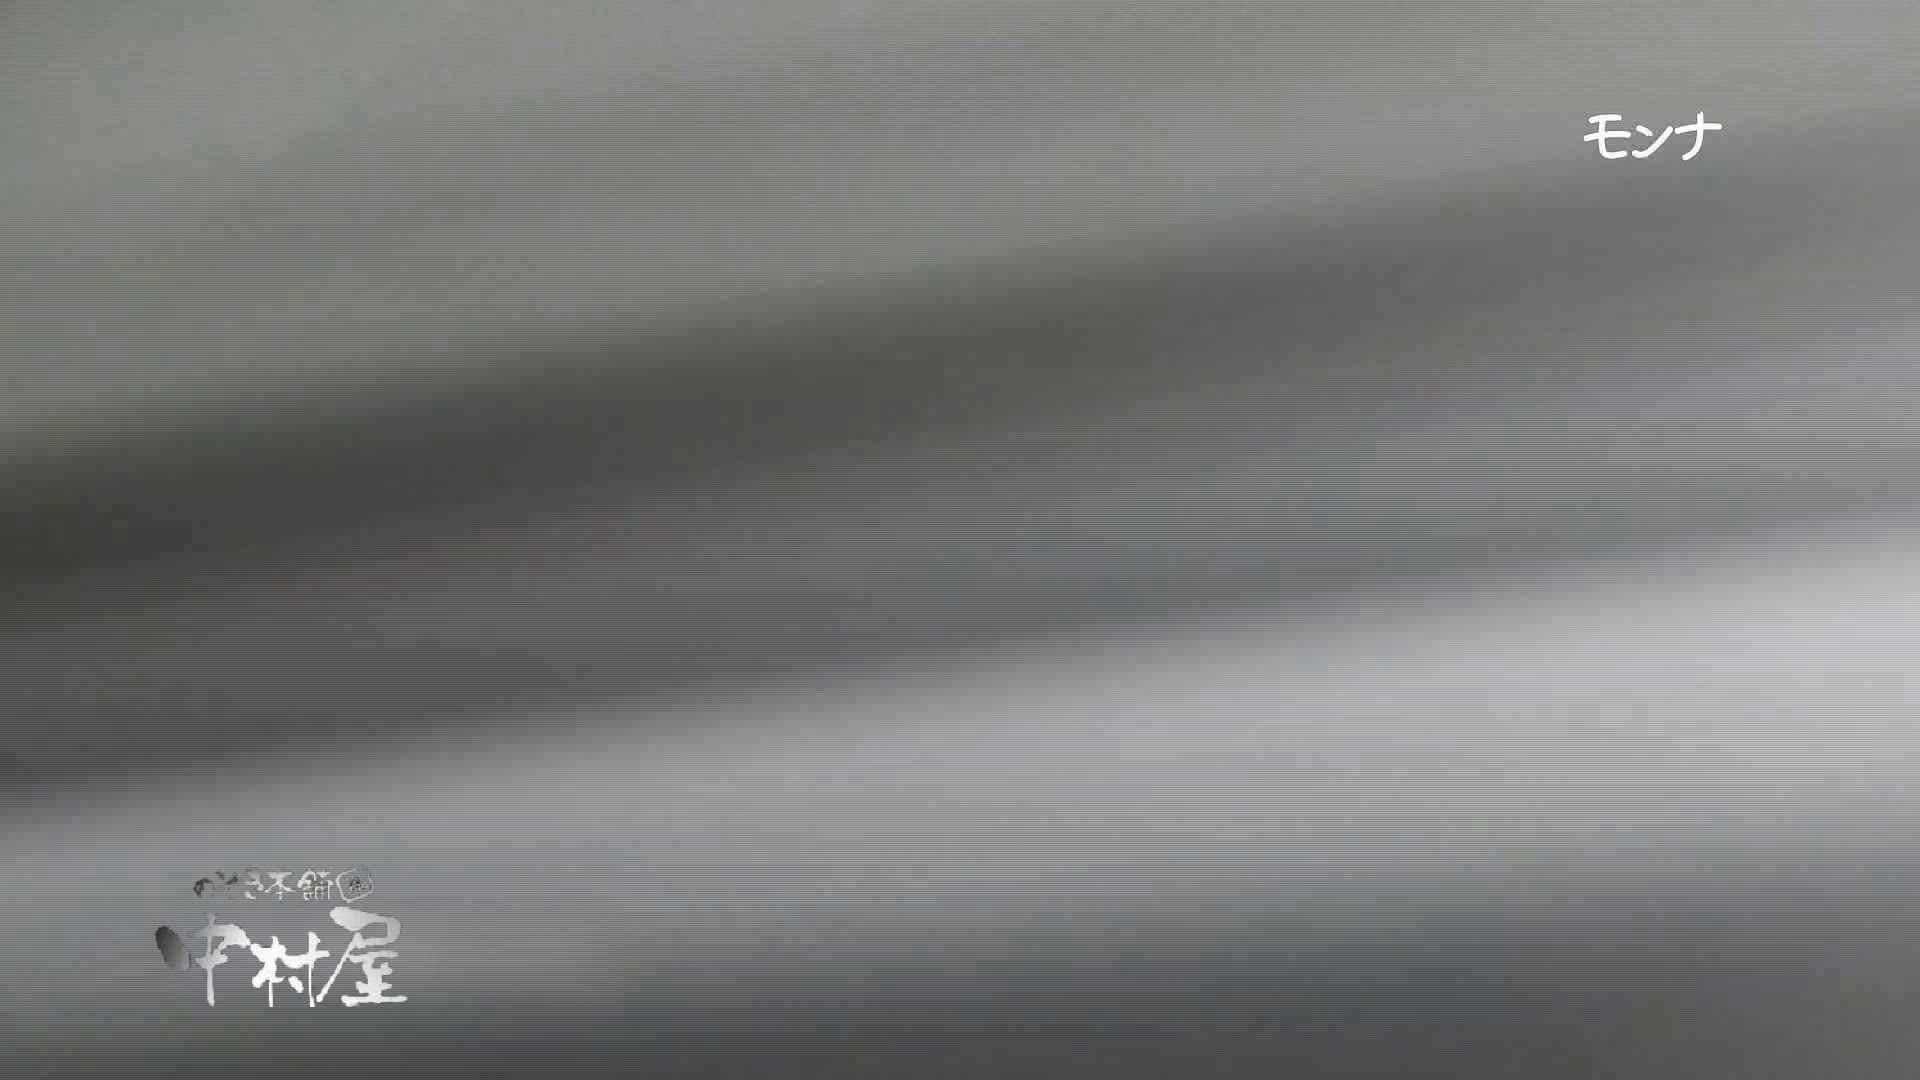 【美しい日本の未来】新学期!!下半身中心に攻めてます美女可愛い女子悪戯盗satuトイレ後編 トイレ流出  82連発 40